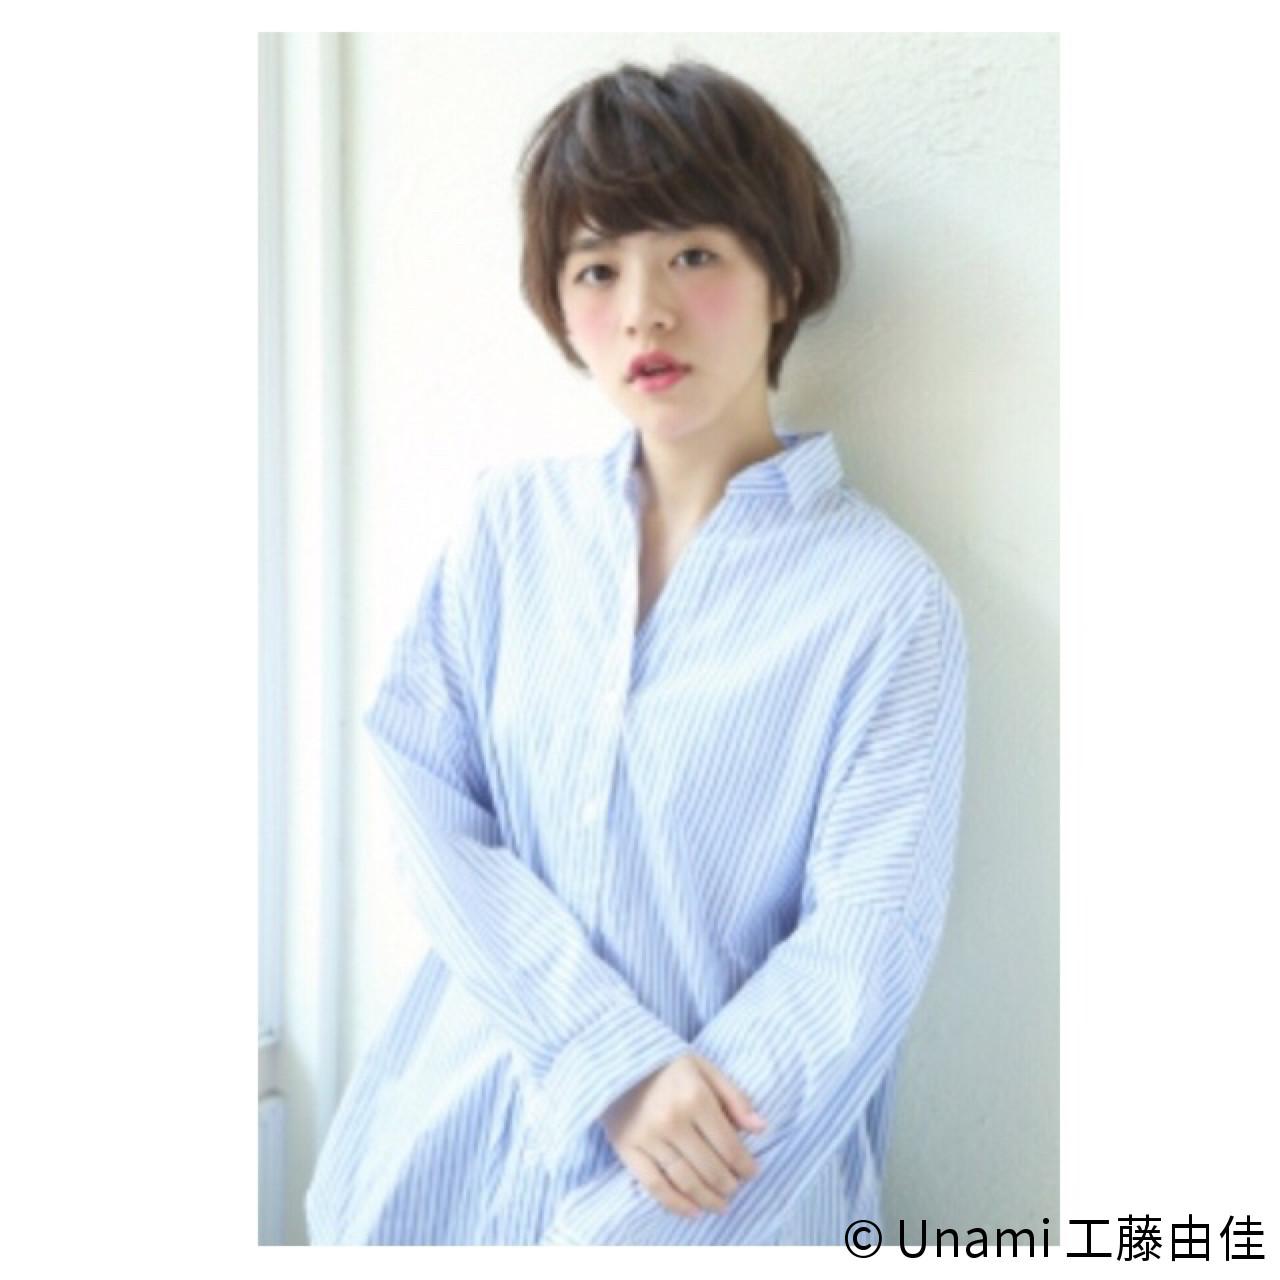 ショートボブ 似合わせ ショート 小顔 ヘアスタイルや髪型の写真・画像 | Unami 工藤由佳 / Unami omotesando